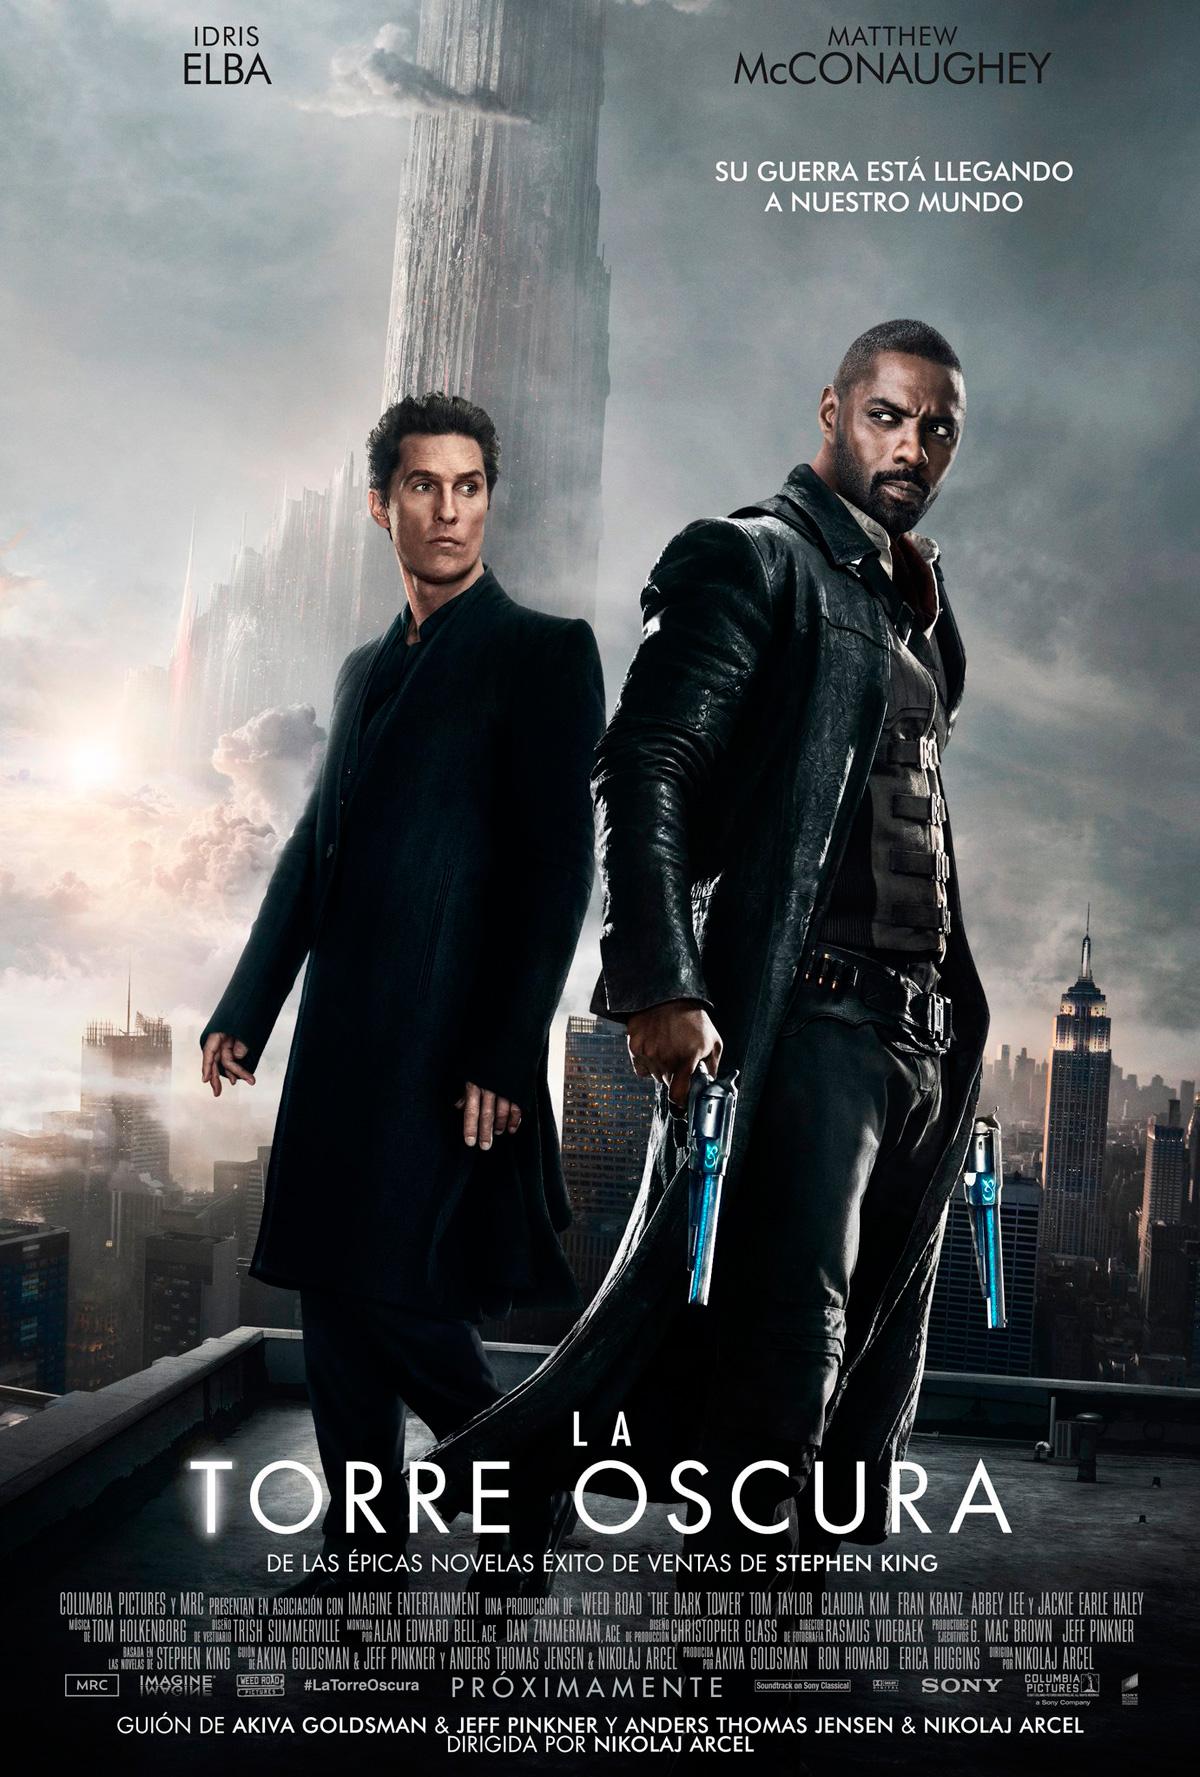 Resultado de imagen para la torre oscura pelicula poster